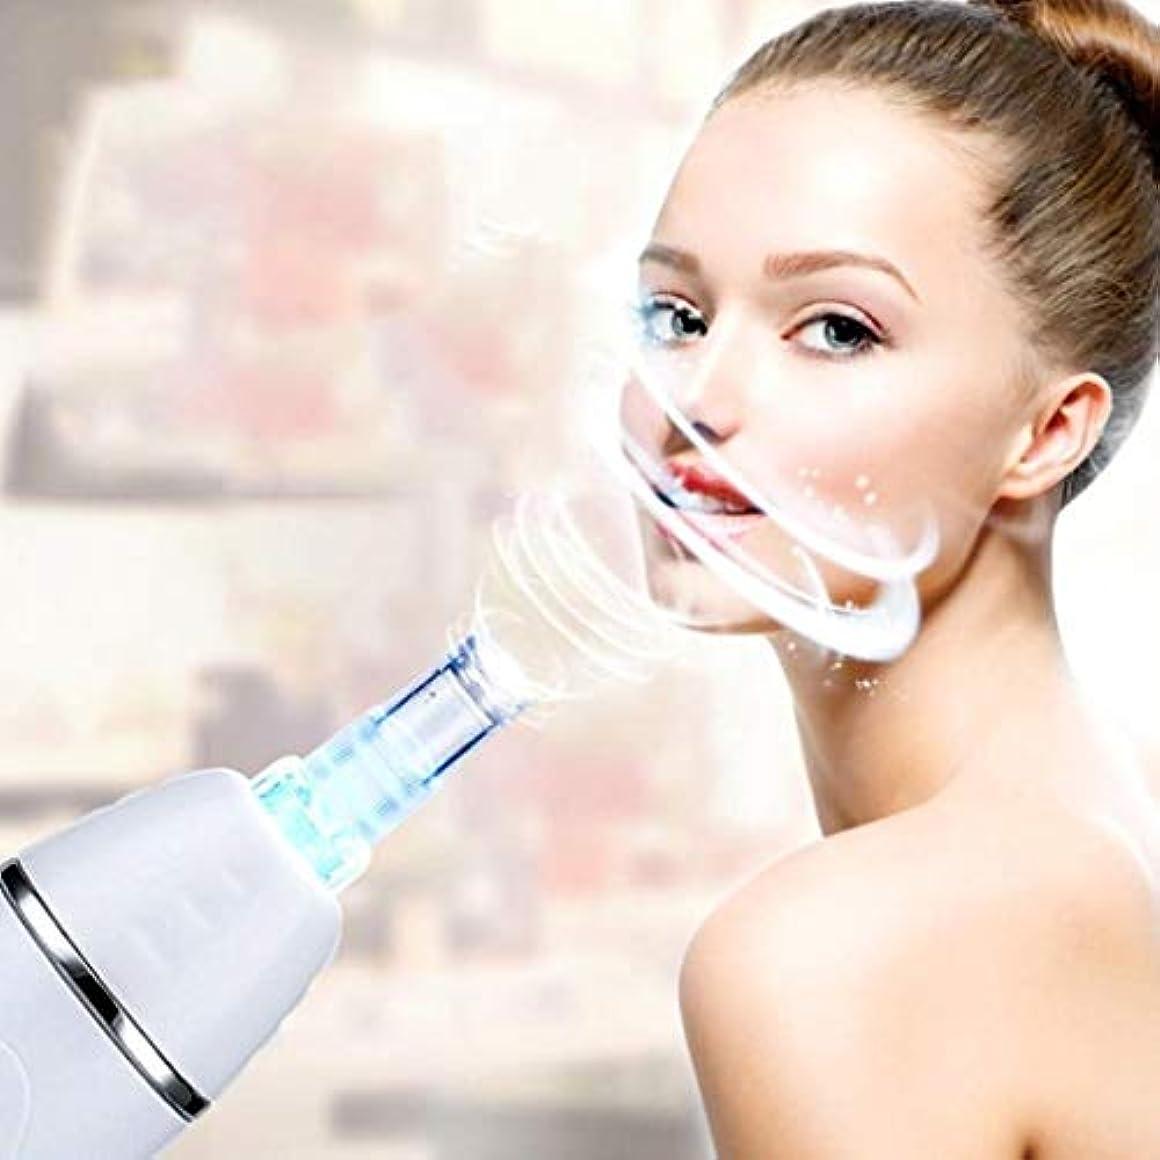 経済腰近代化美容機器、顔にきび毛穴クリーナー、にきびの除去、しわ、メラニンの沈殿を減らす